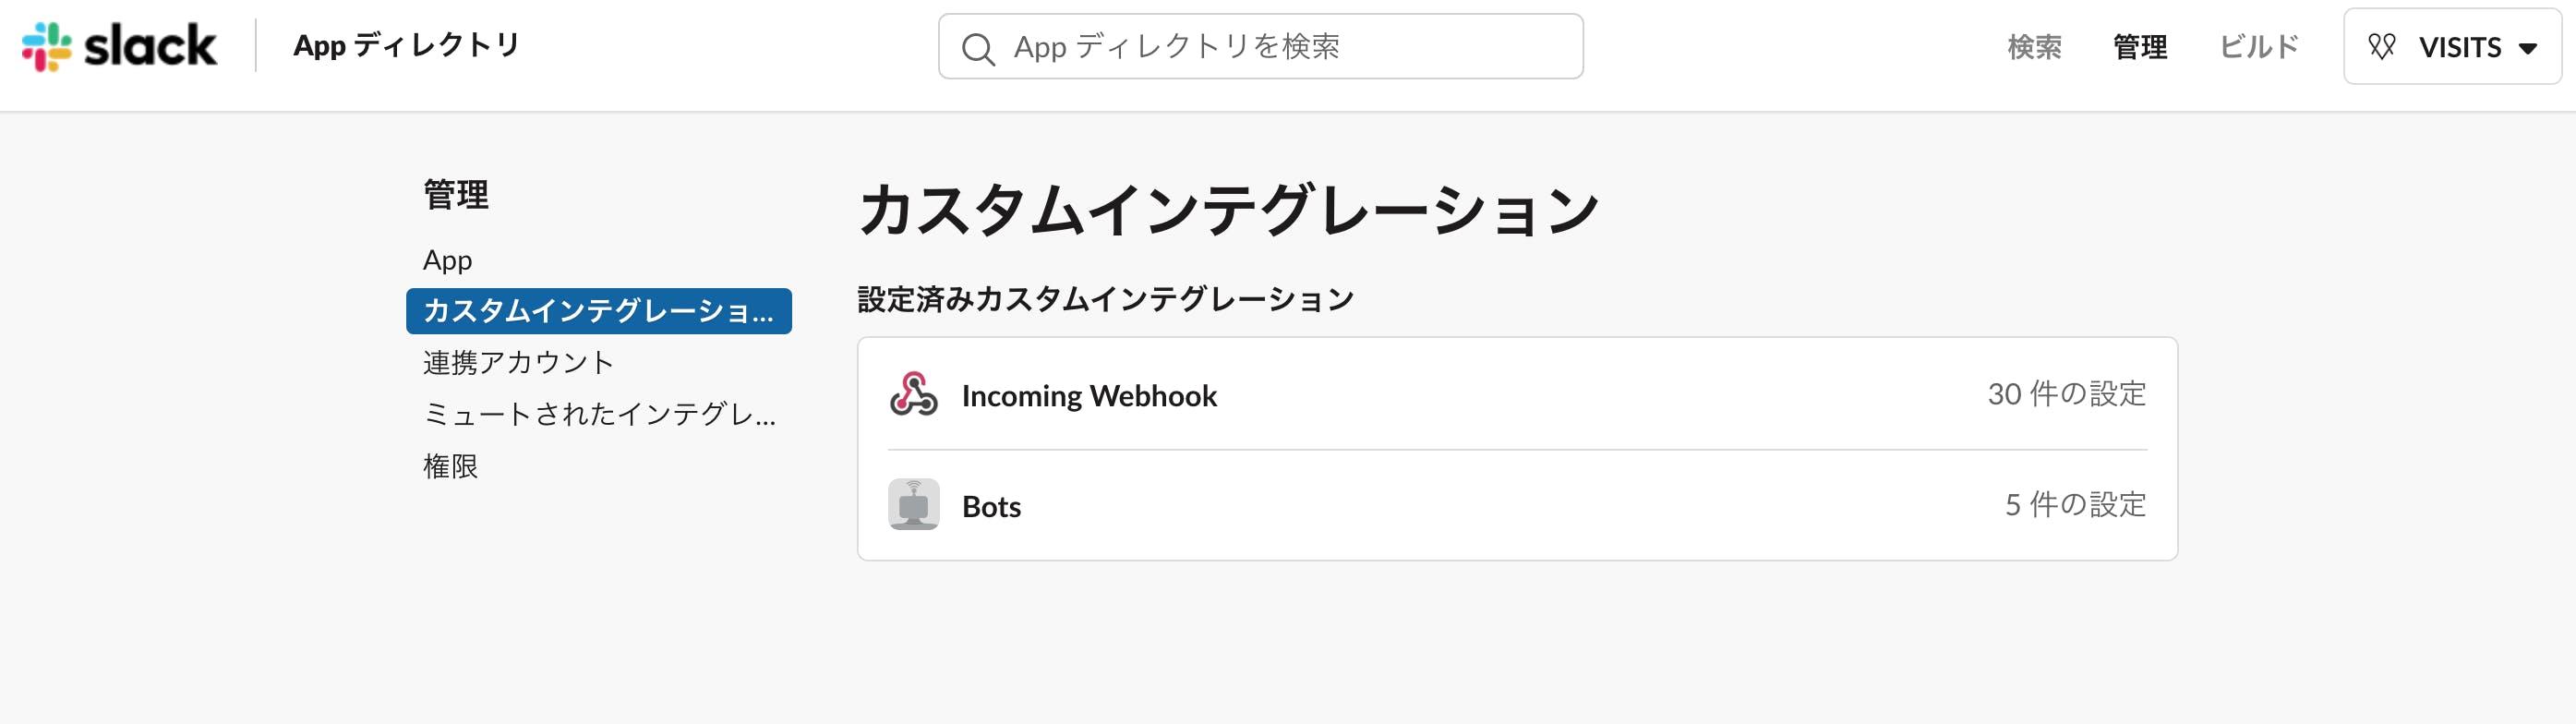 App_管理___VISITS_Slack.png